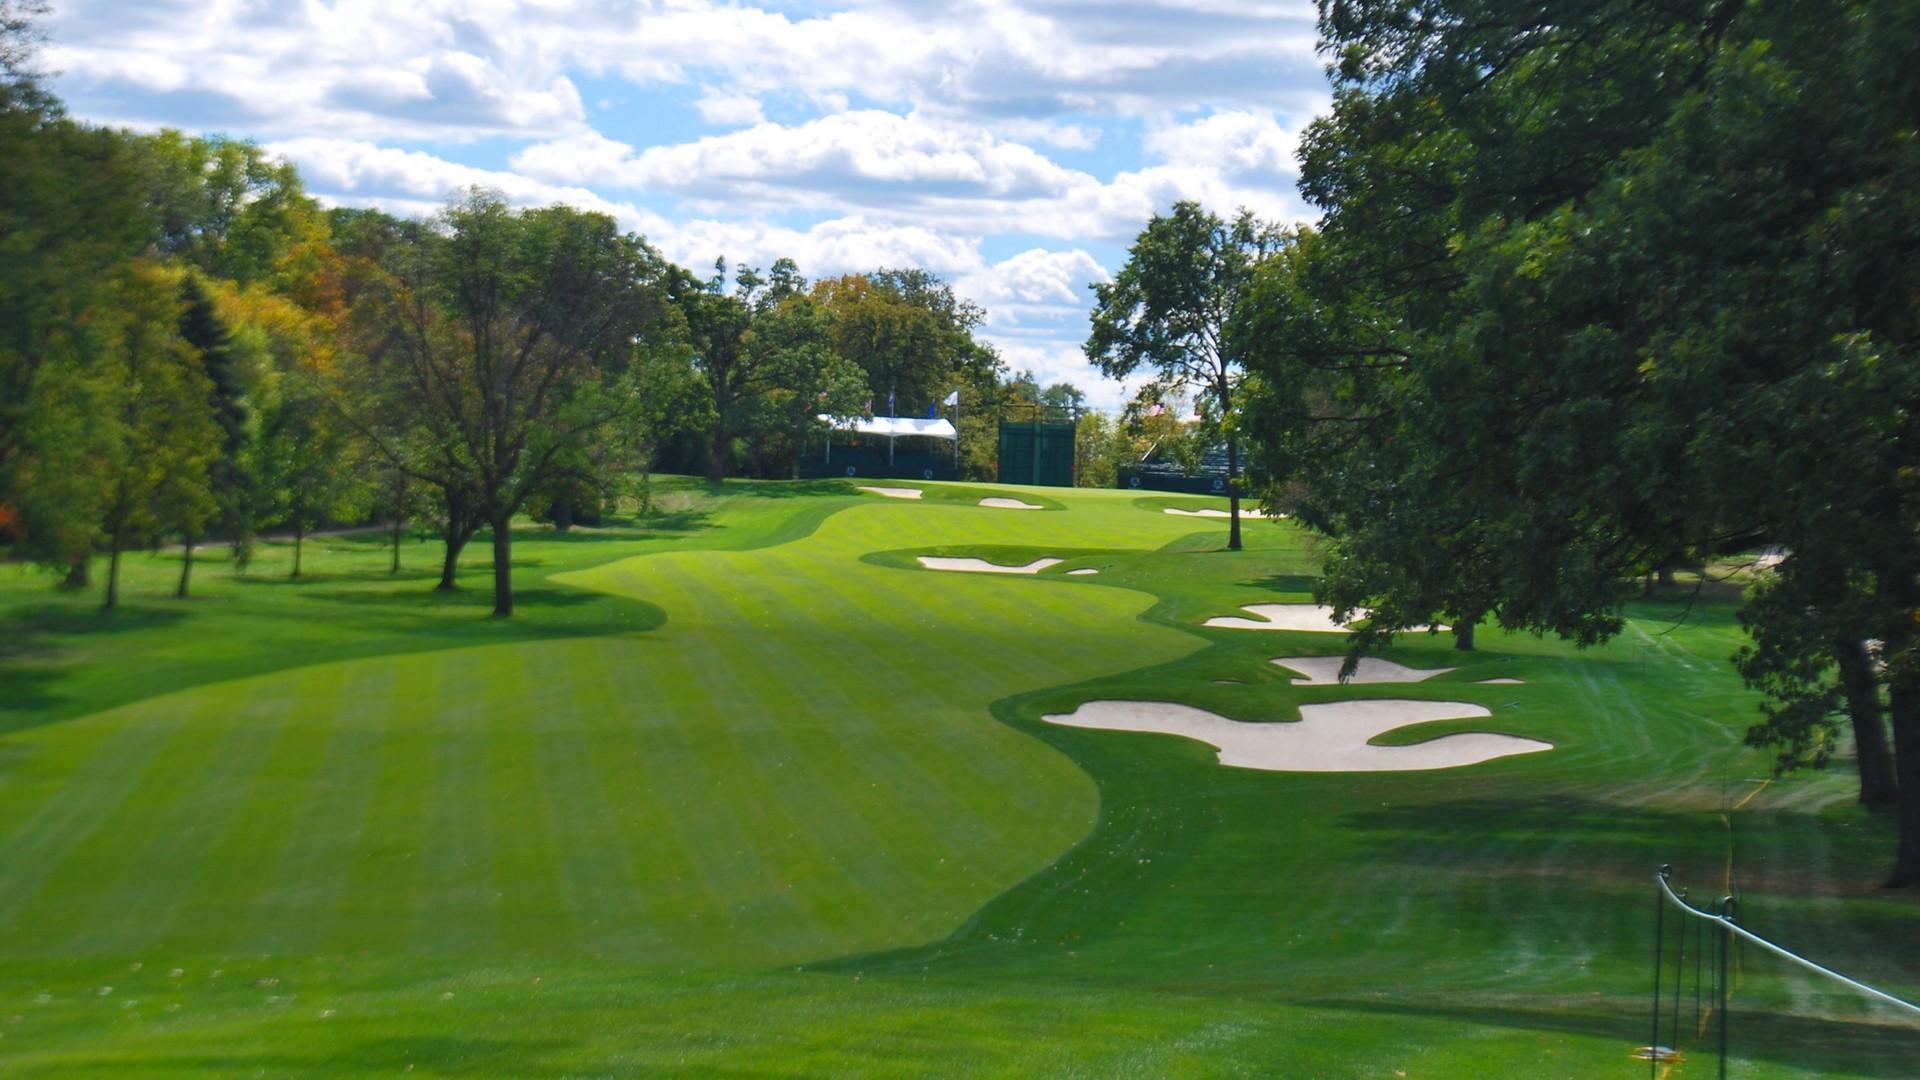 Golf Course Widescreen